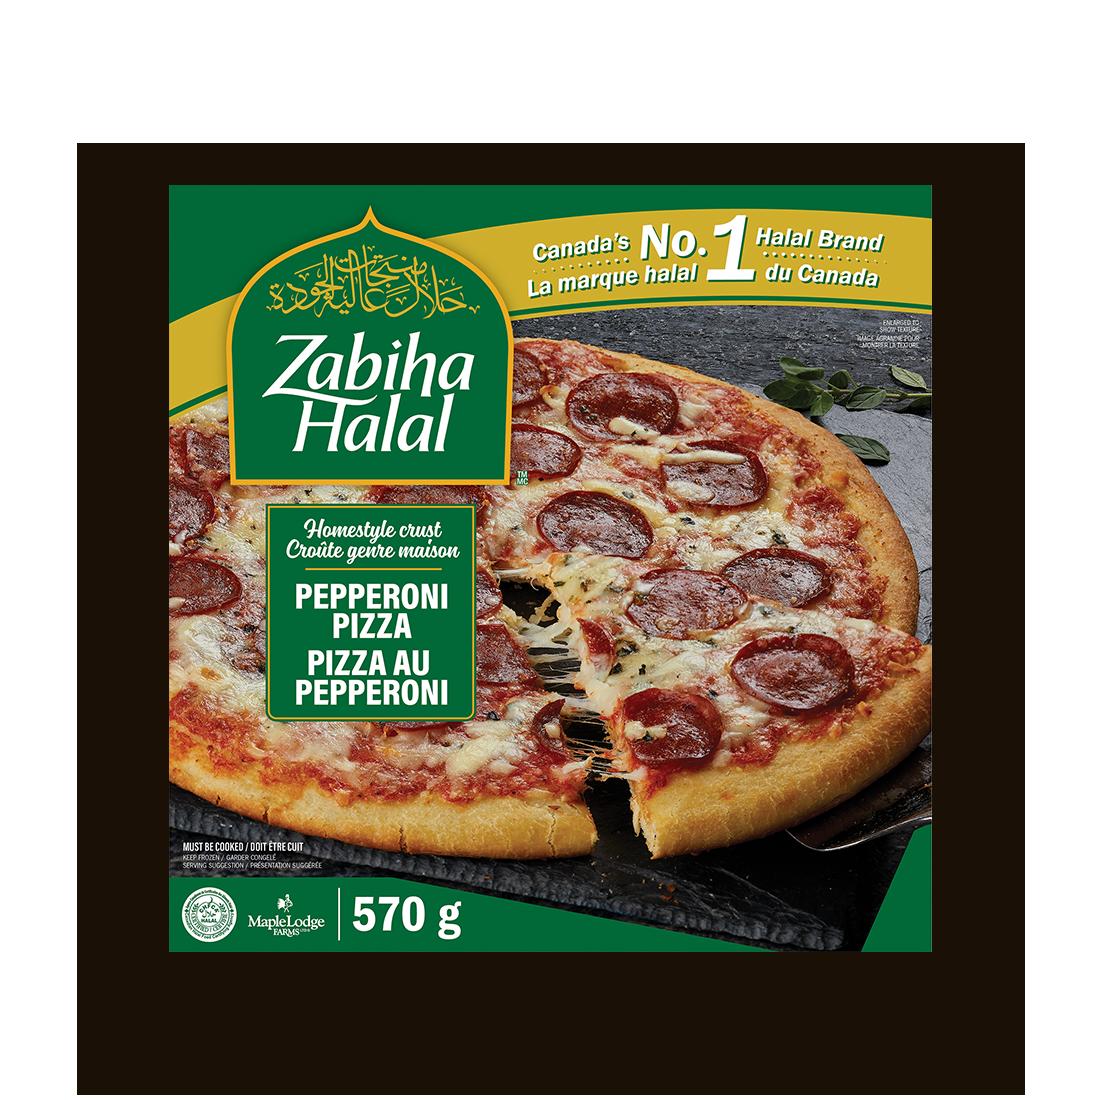 Une boîte de pizza au pepperoni genre maison surgelé